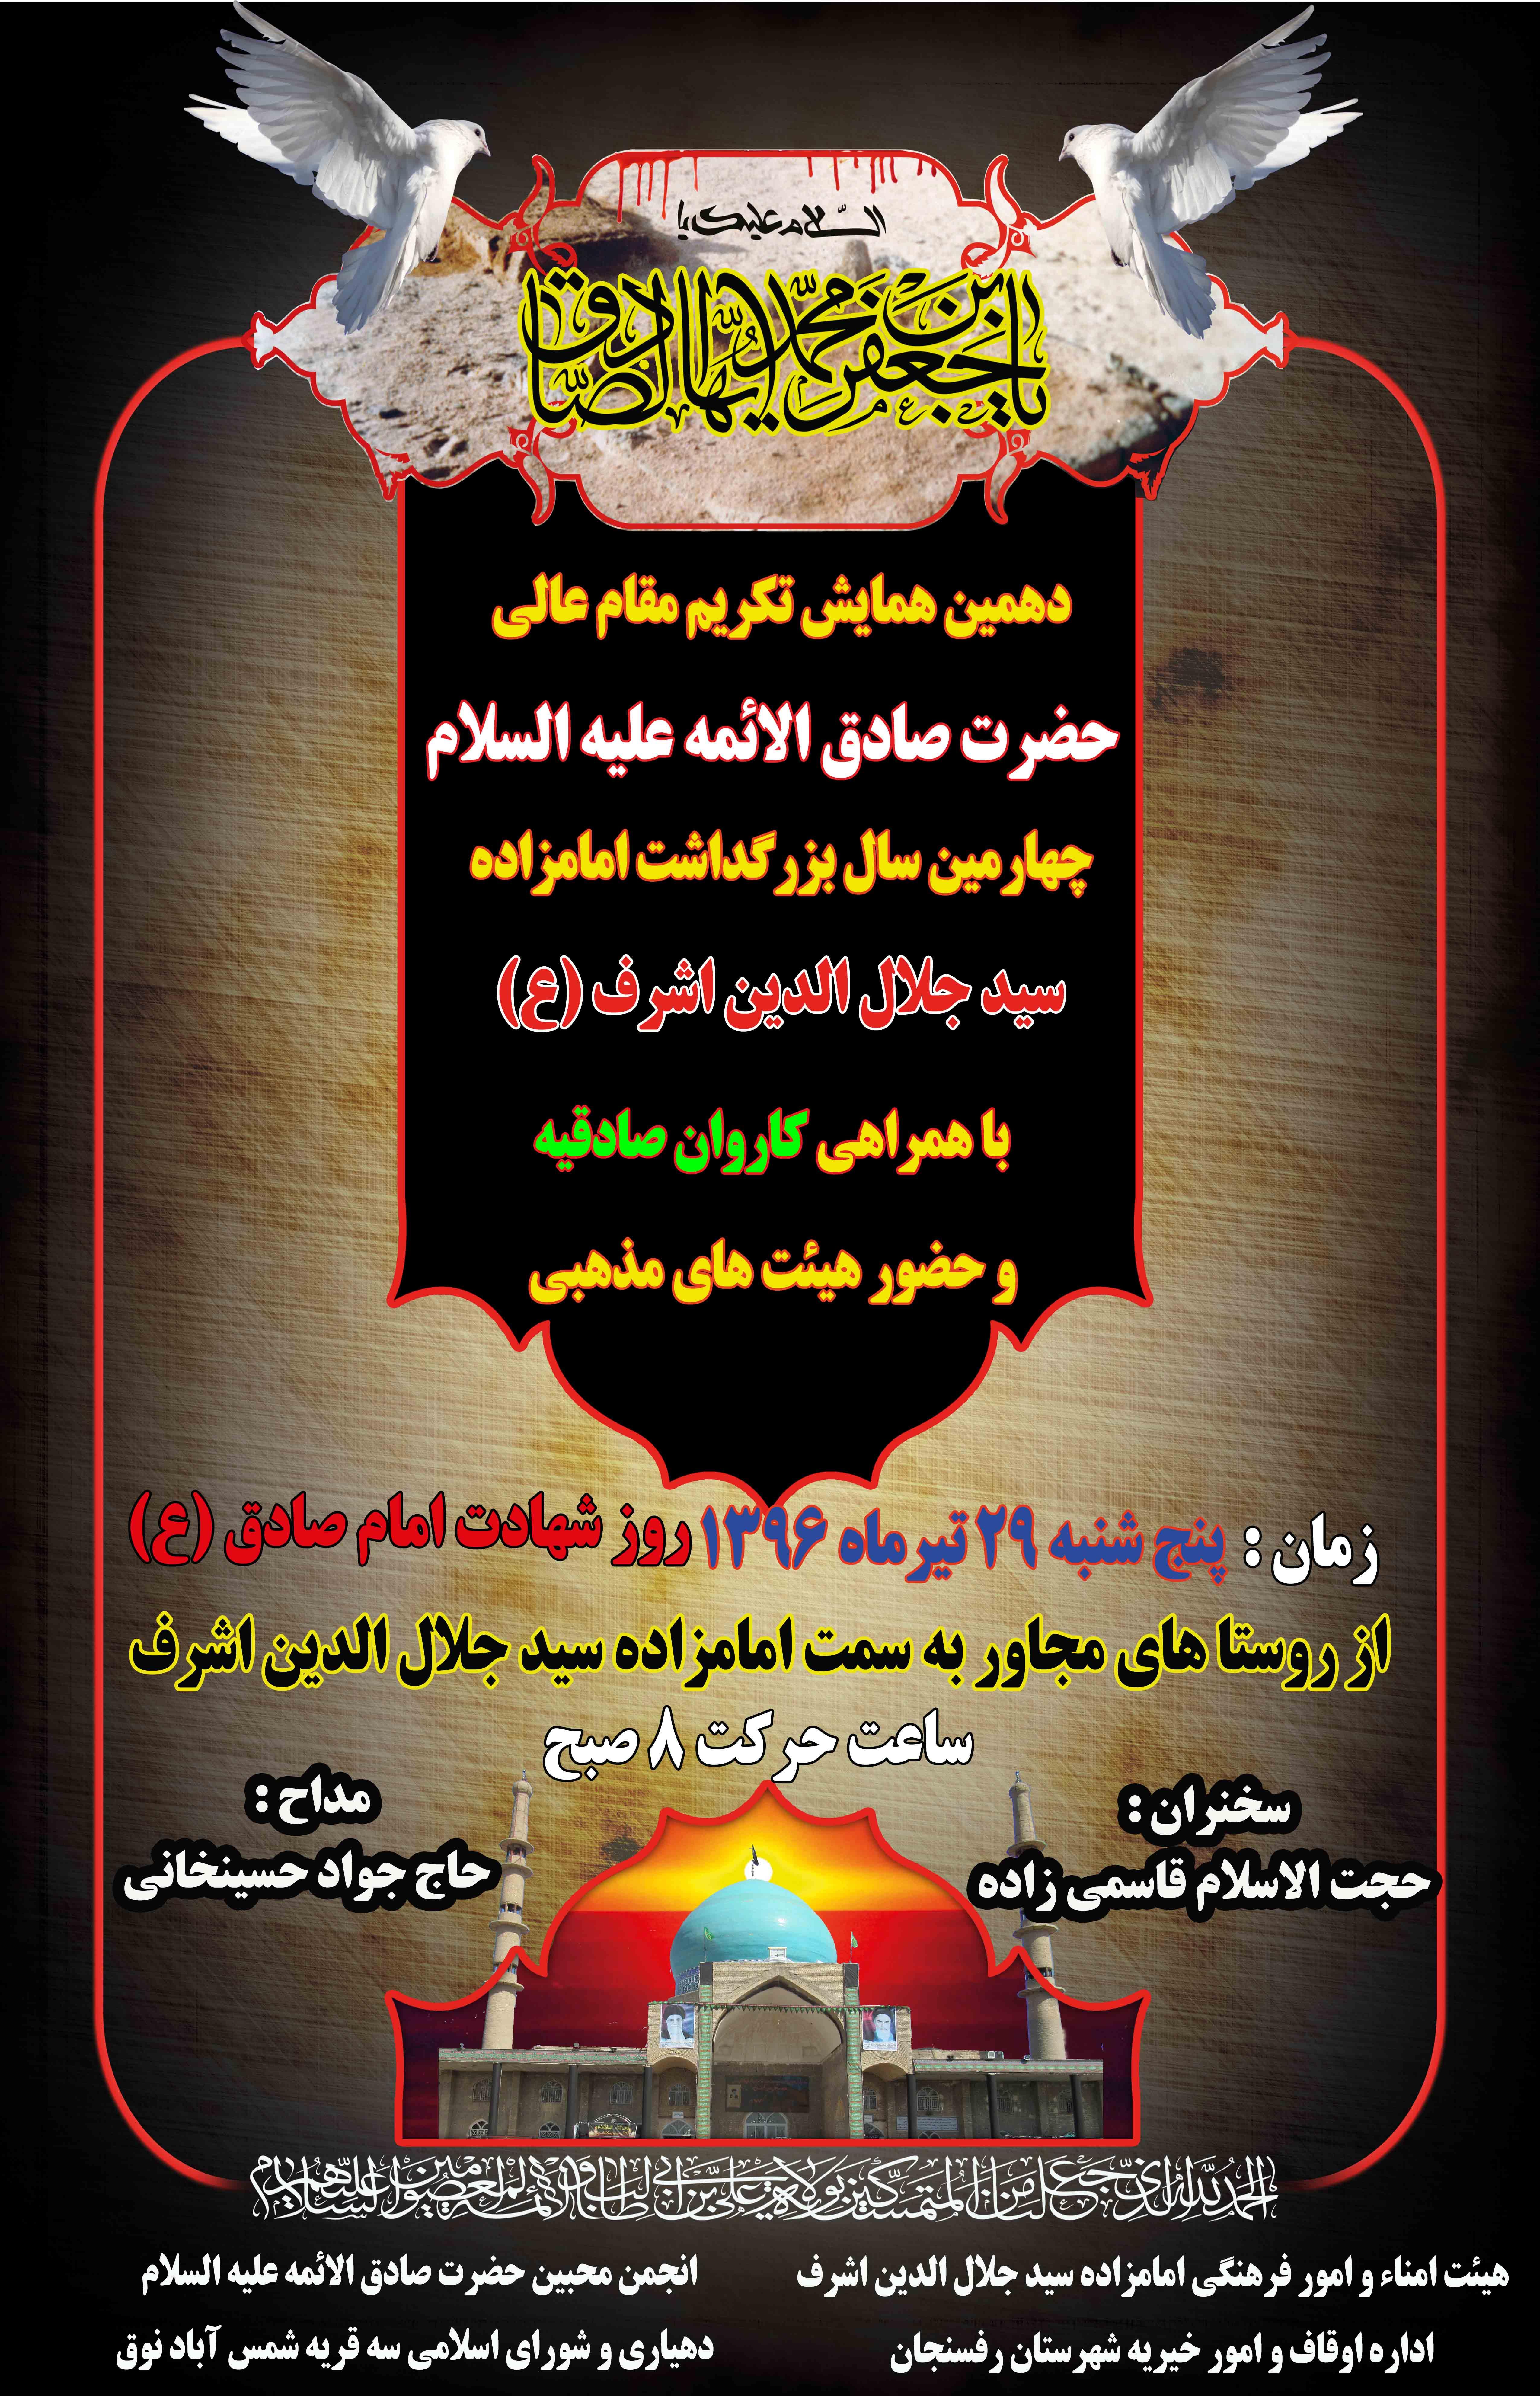 فراخوان انجمن محبین صادق الائمه علیه السلام